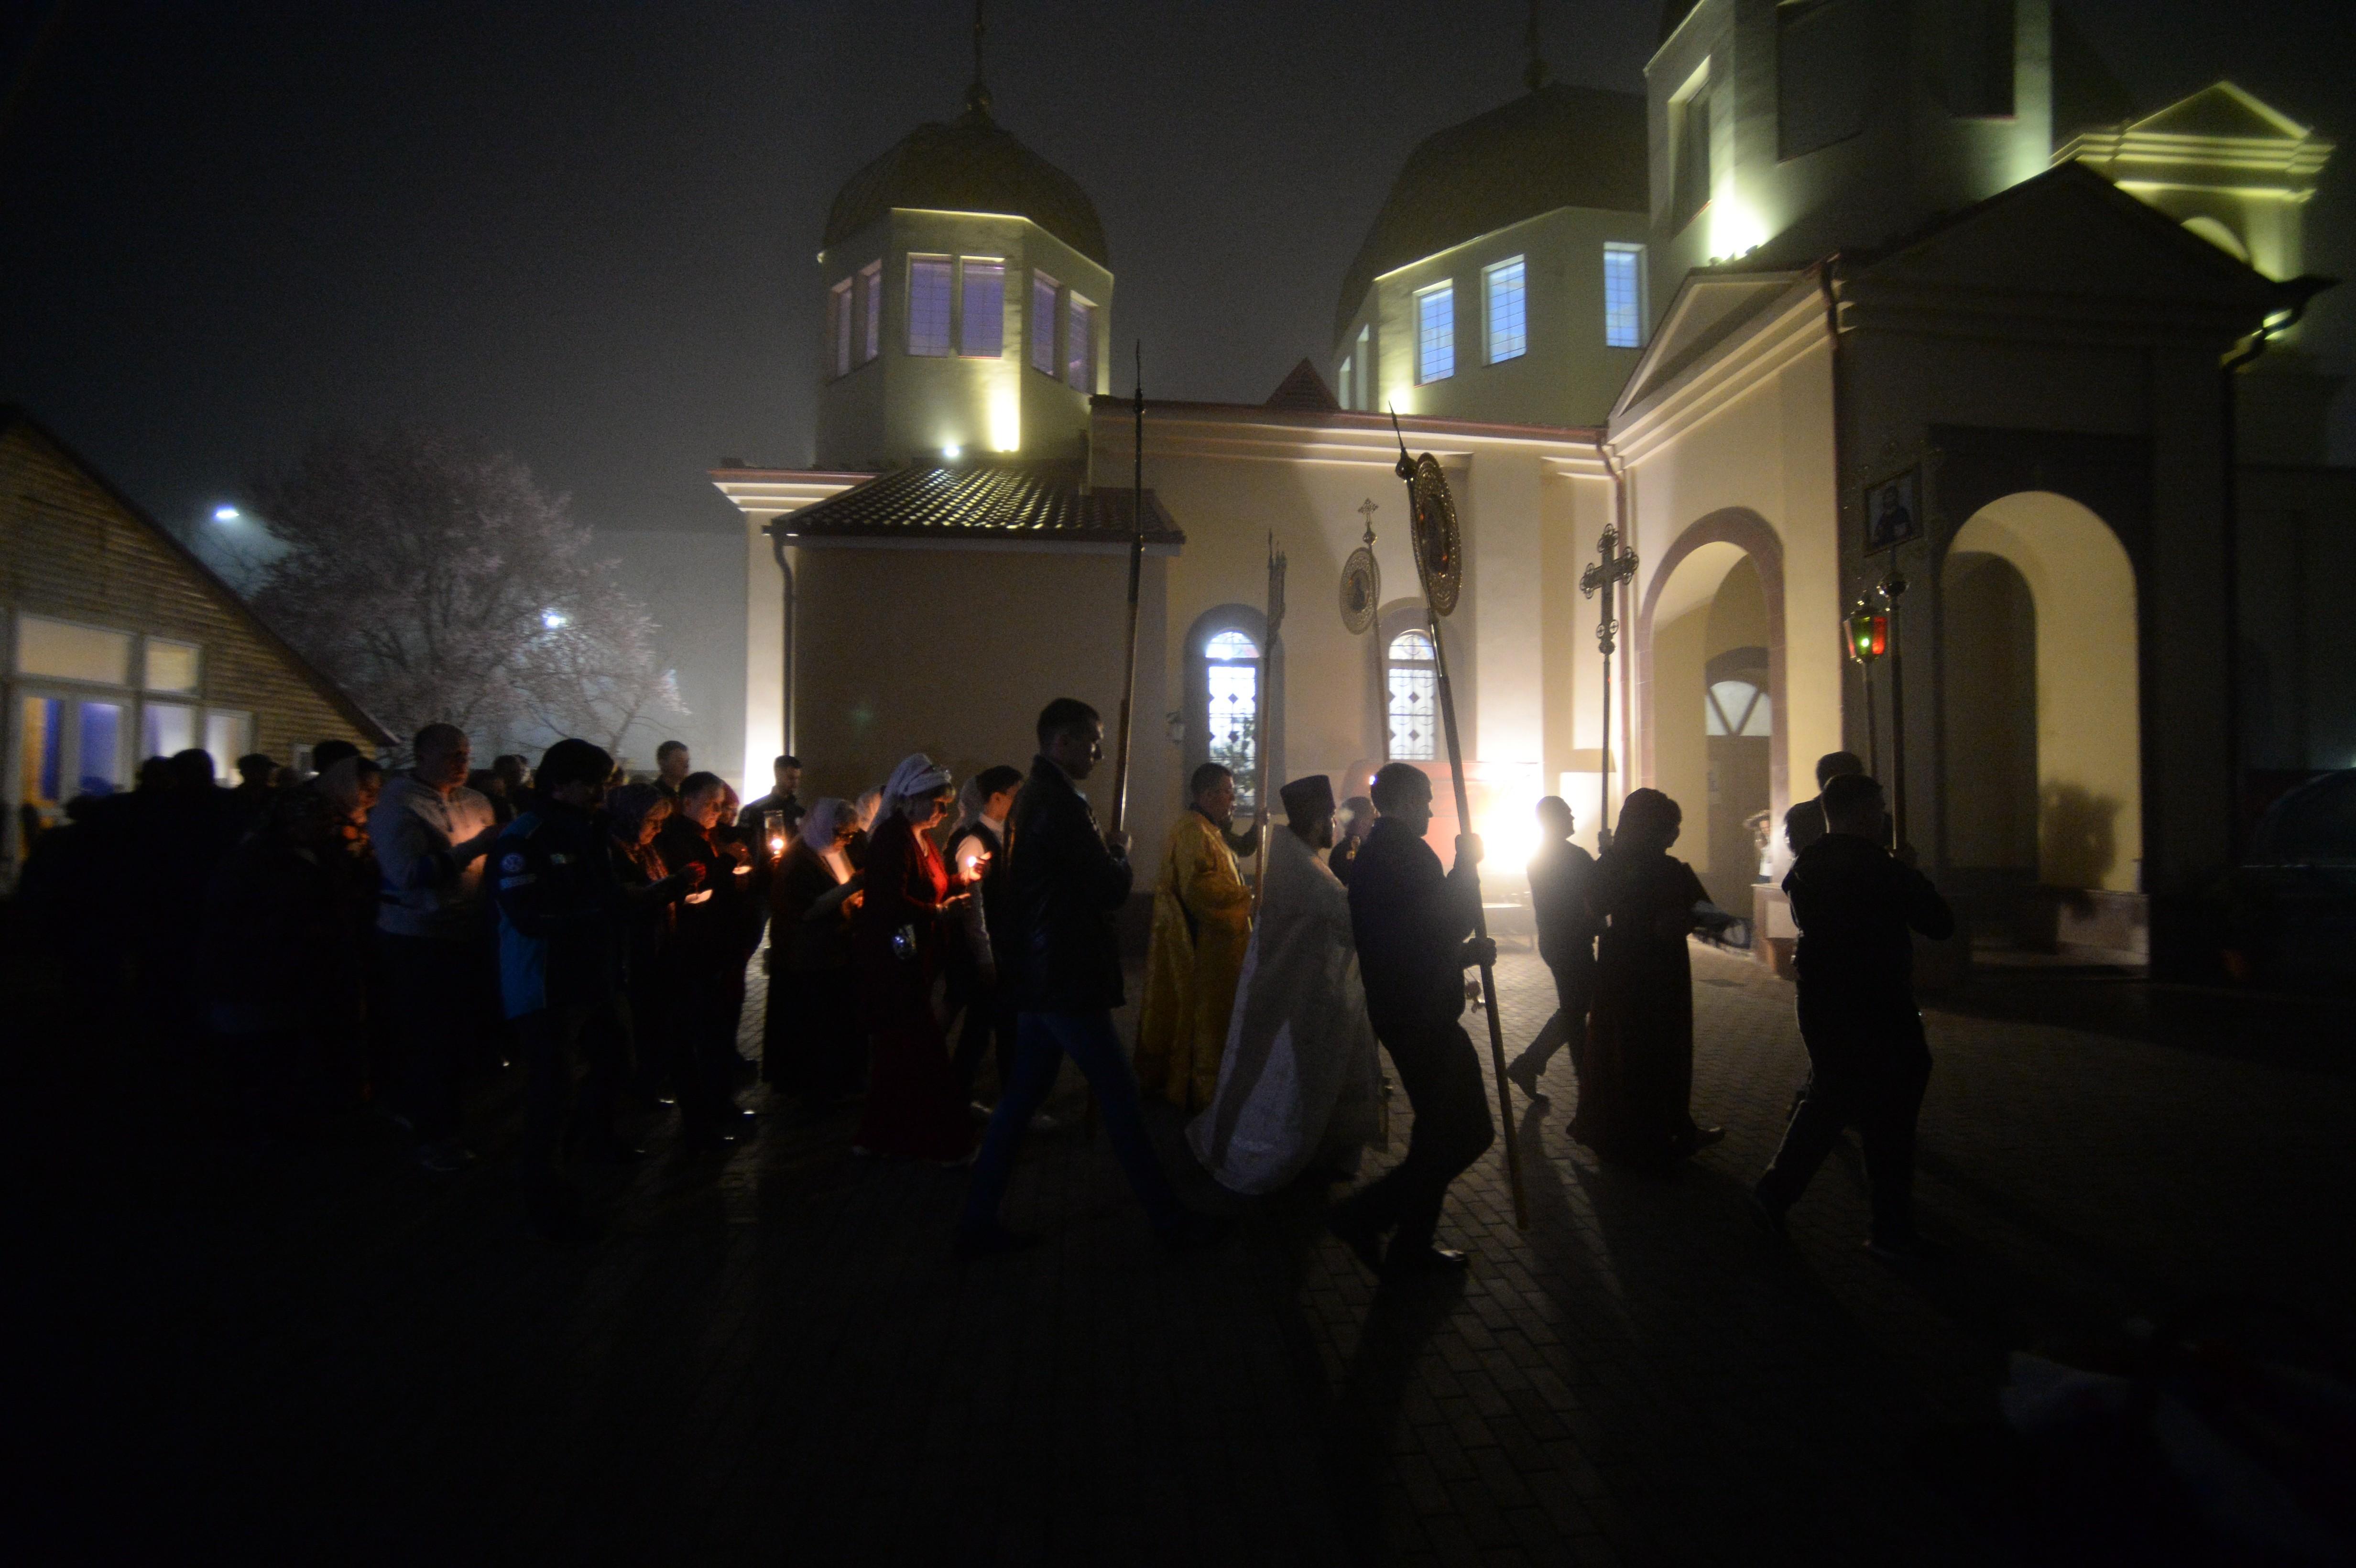 Прихожане во время крестного хода после пасхальной службы в церкви Архангела Михаила в Грозном. Фото: © РИА Новости / Саид Царнаев